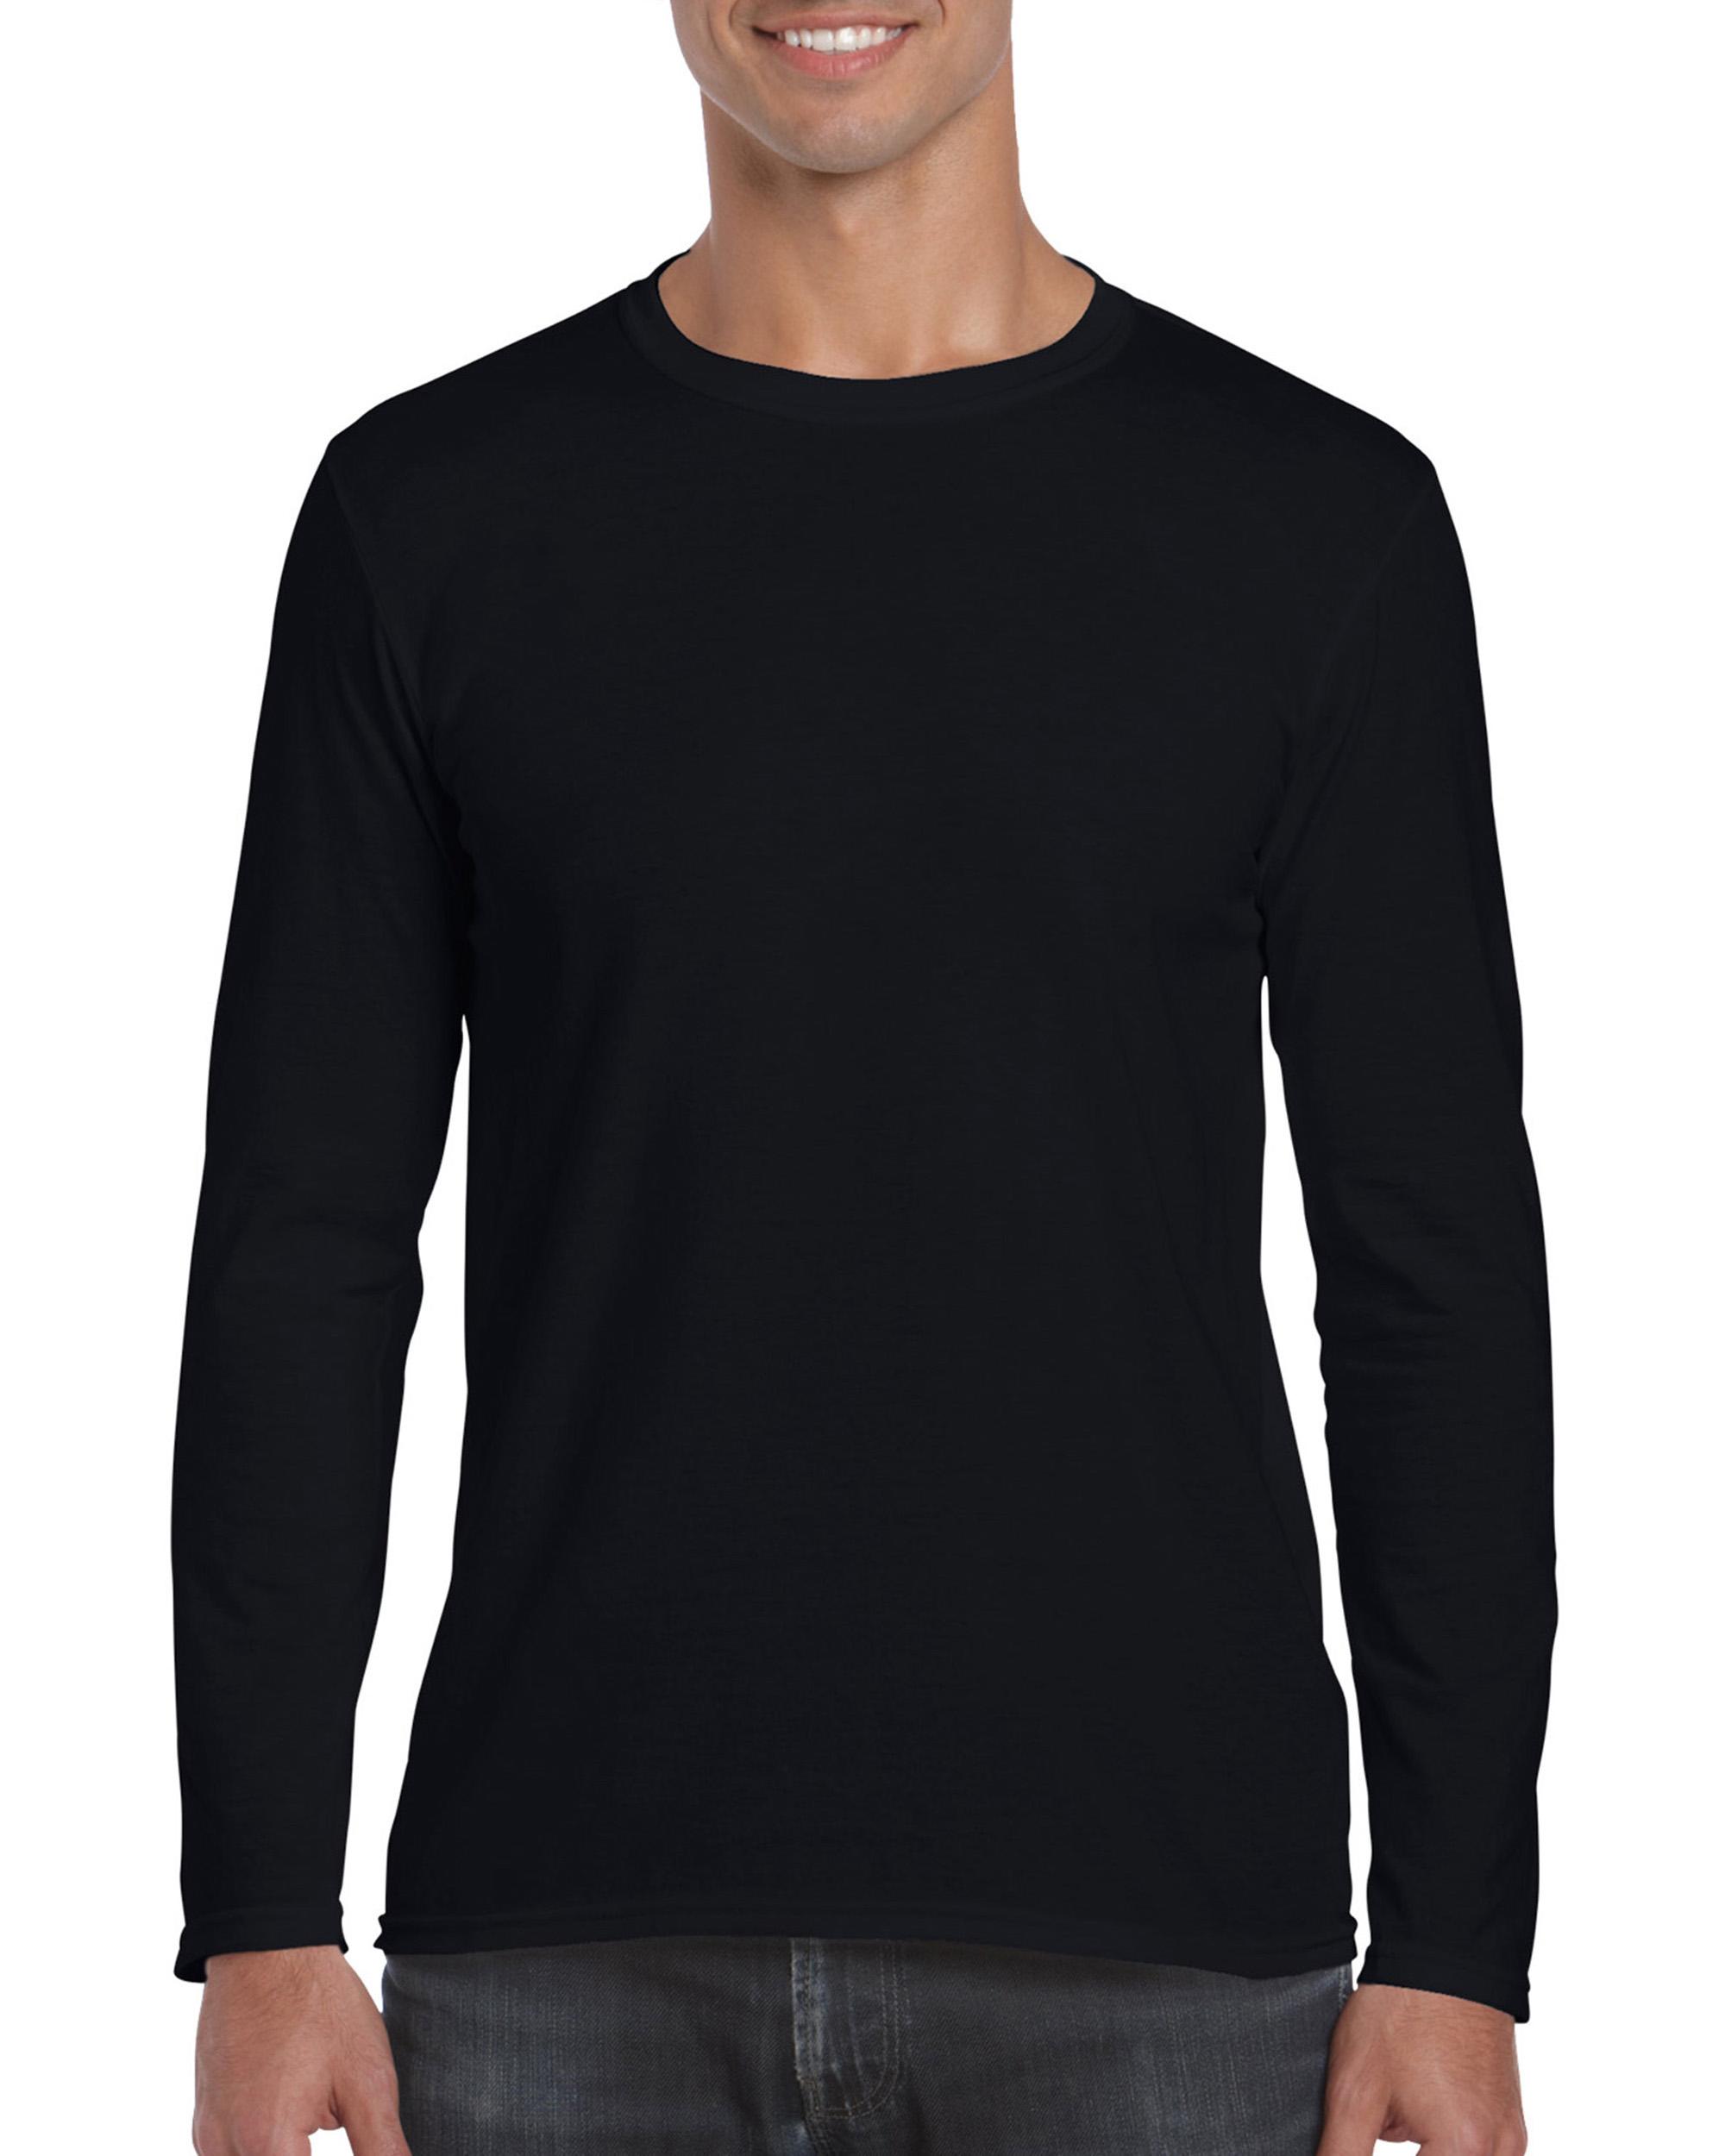 679a67565cc Gildan 64400 - Softstyle Long Sleeve T-Shirt